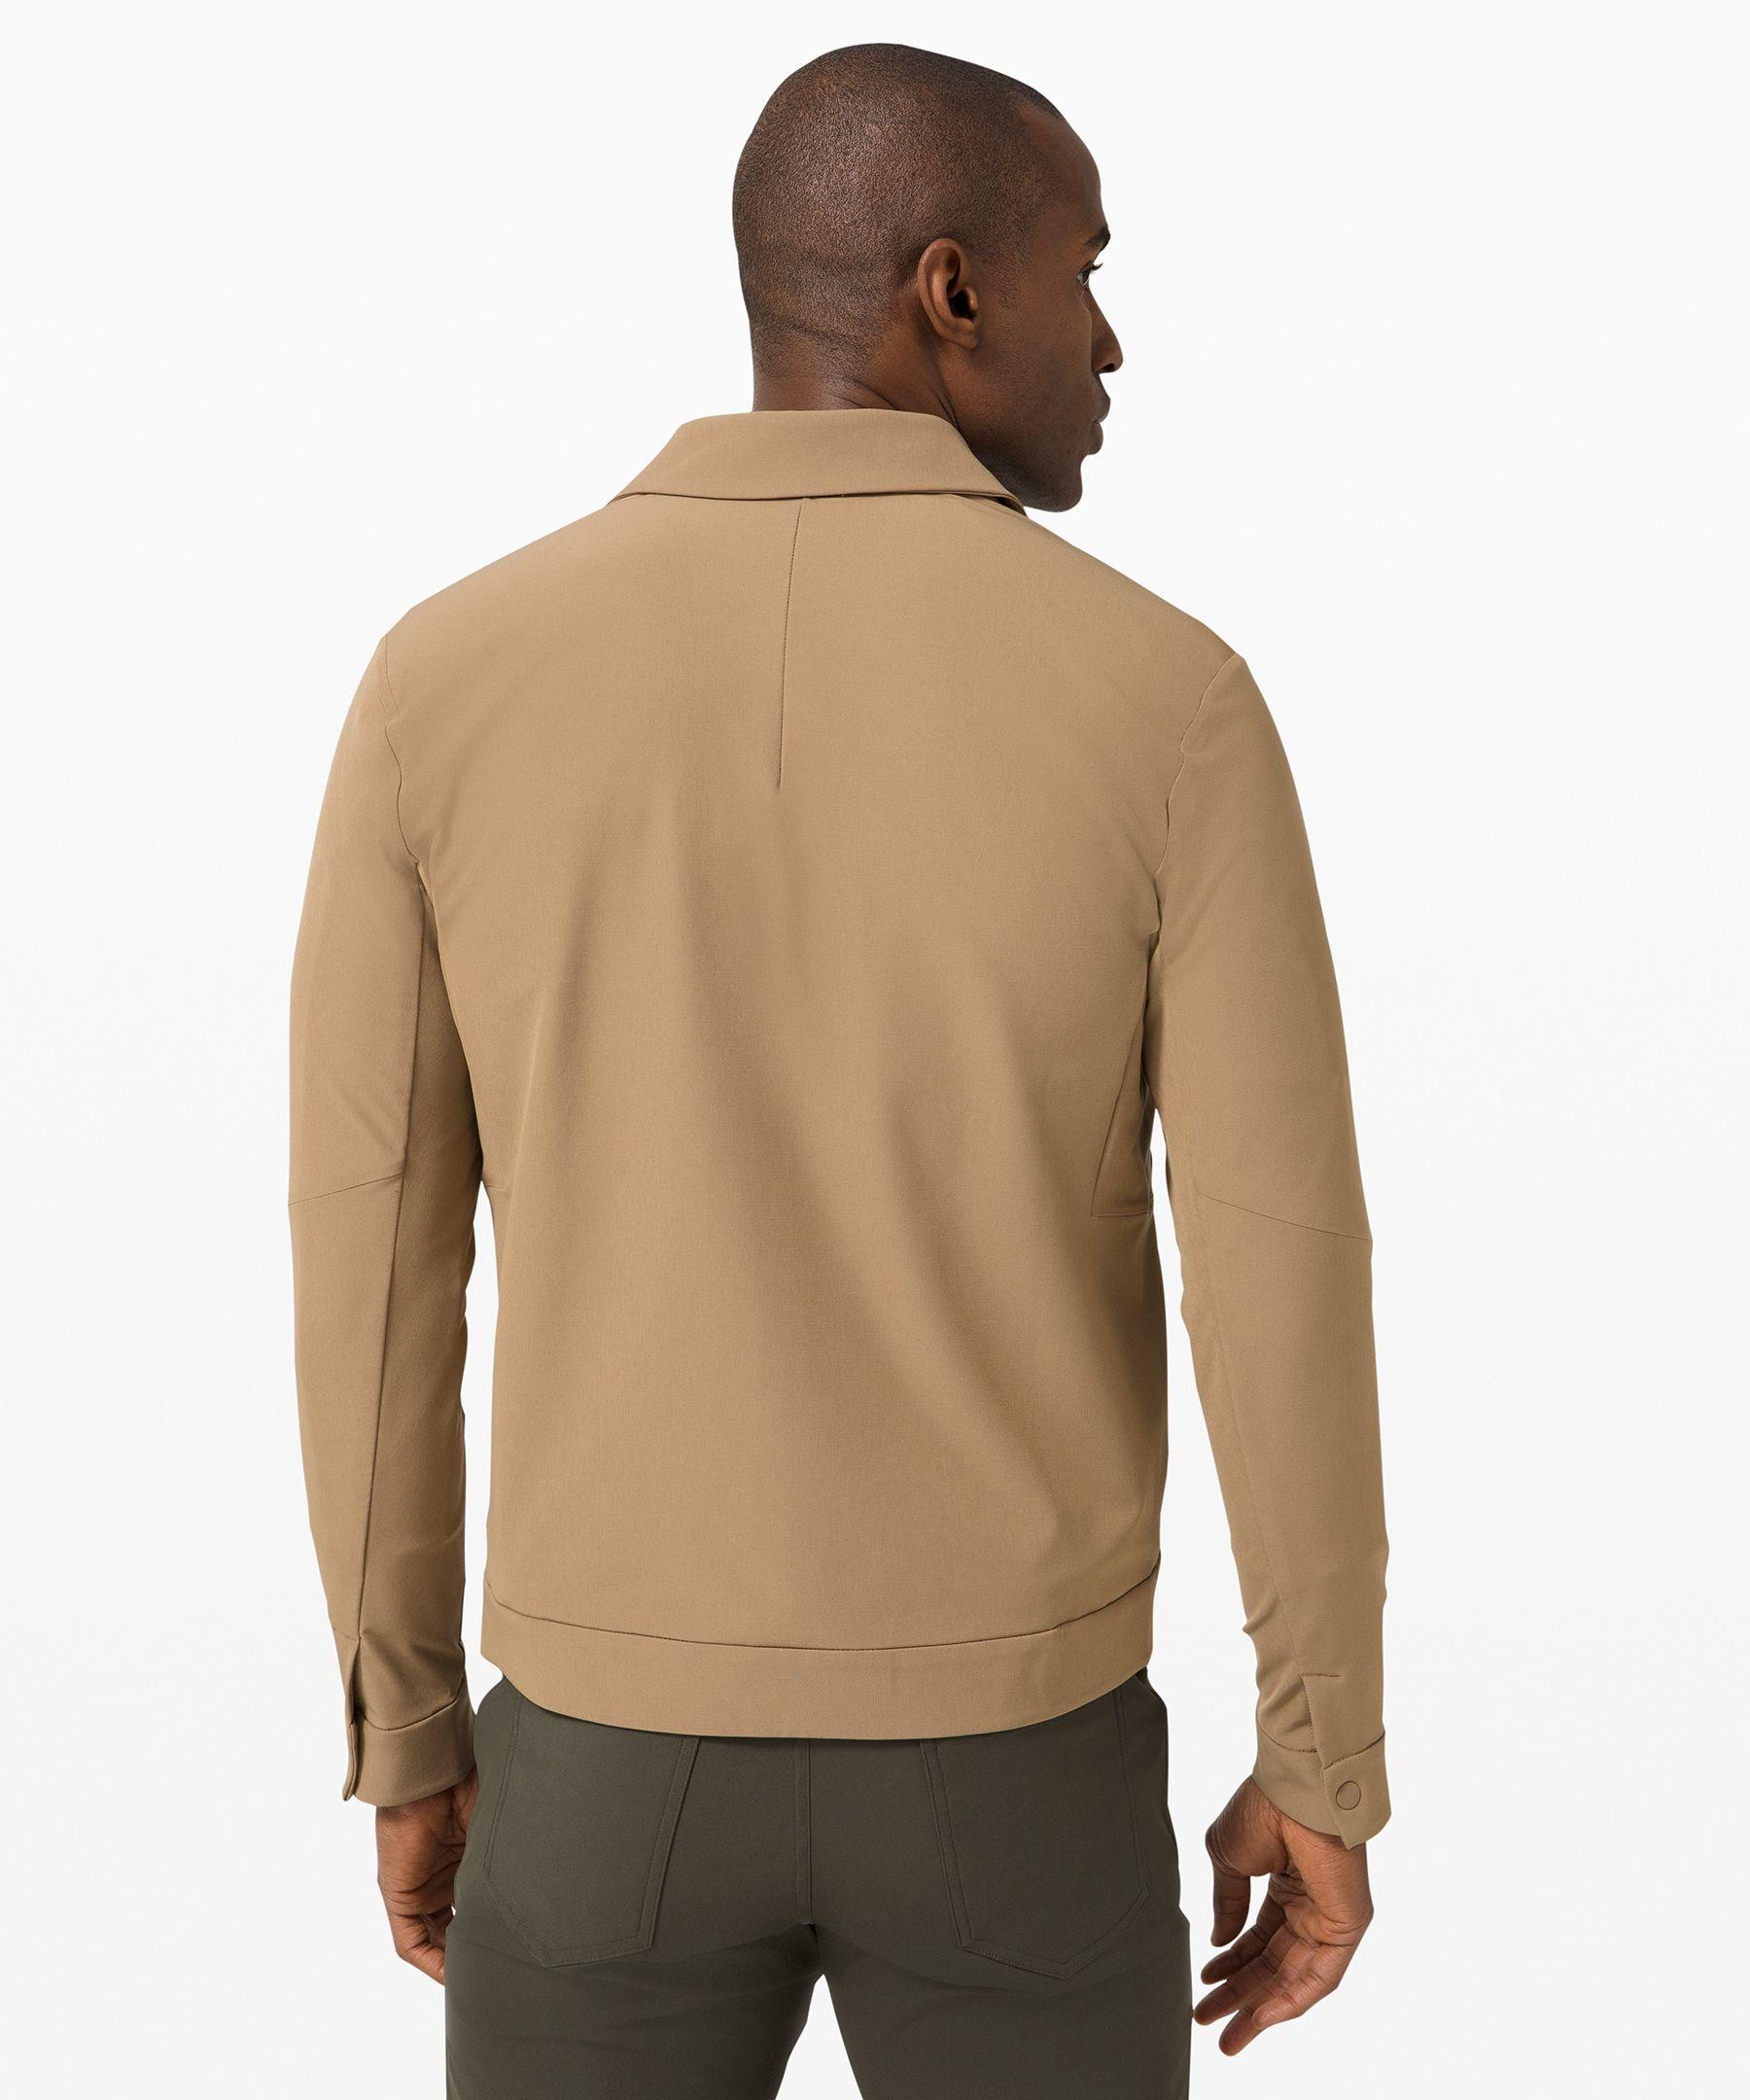 Lululemon Men S City Excursion Jacket Frontier Size Xxl Long Sleeve Tshirt Men Classic Jeans Mens Jackets [ 2160 x 1800 Pixel ]